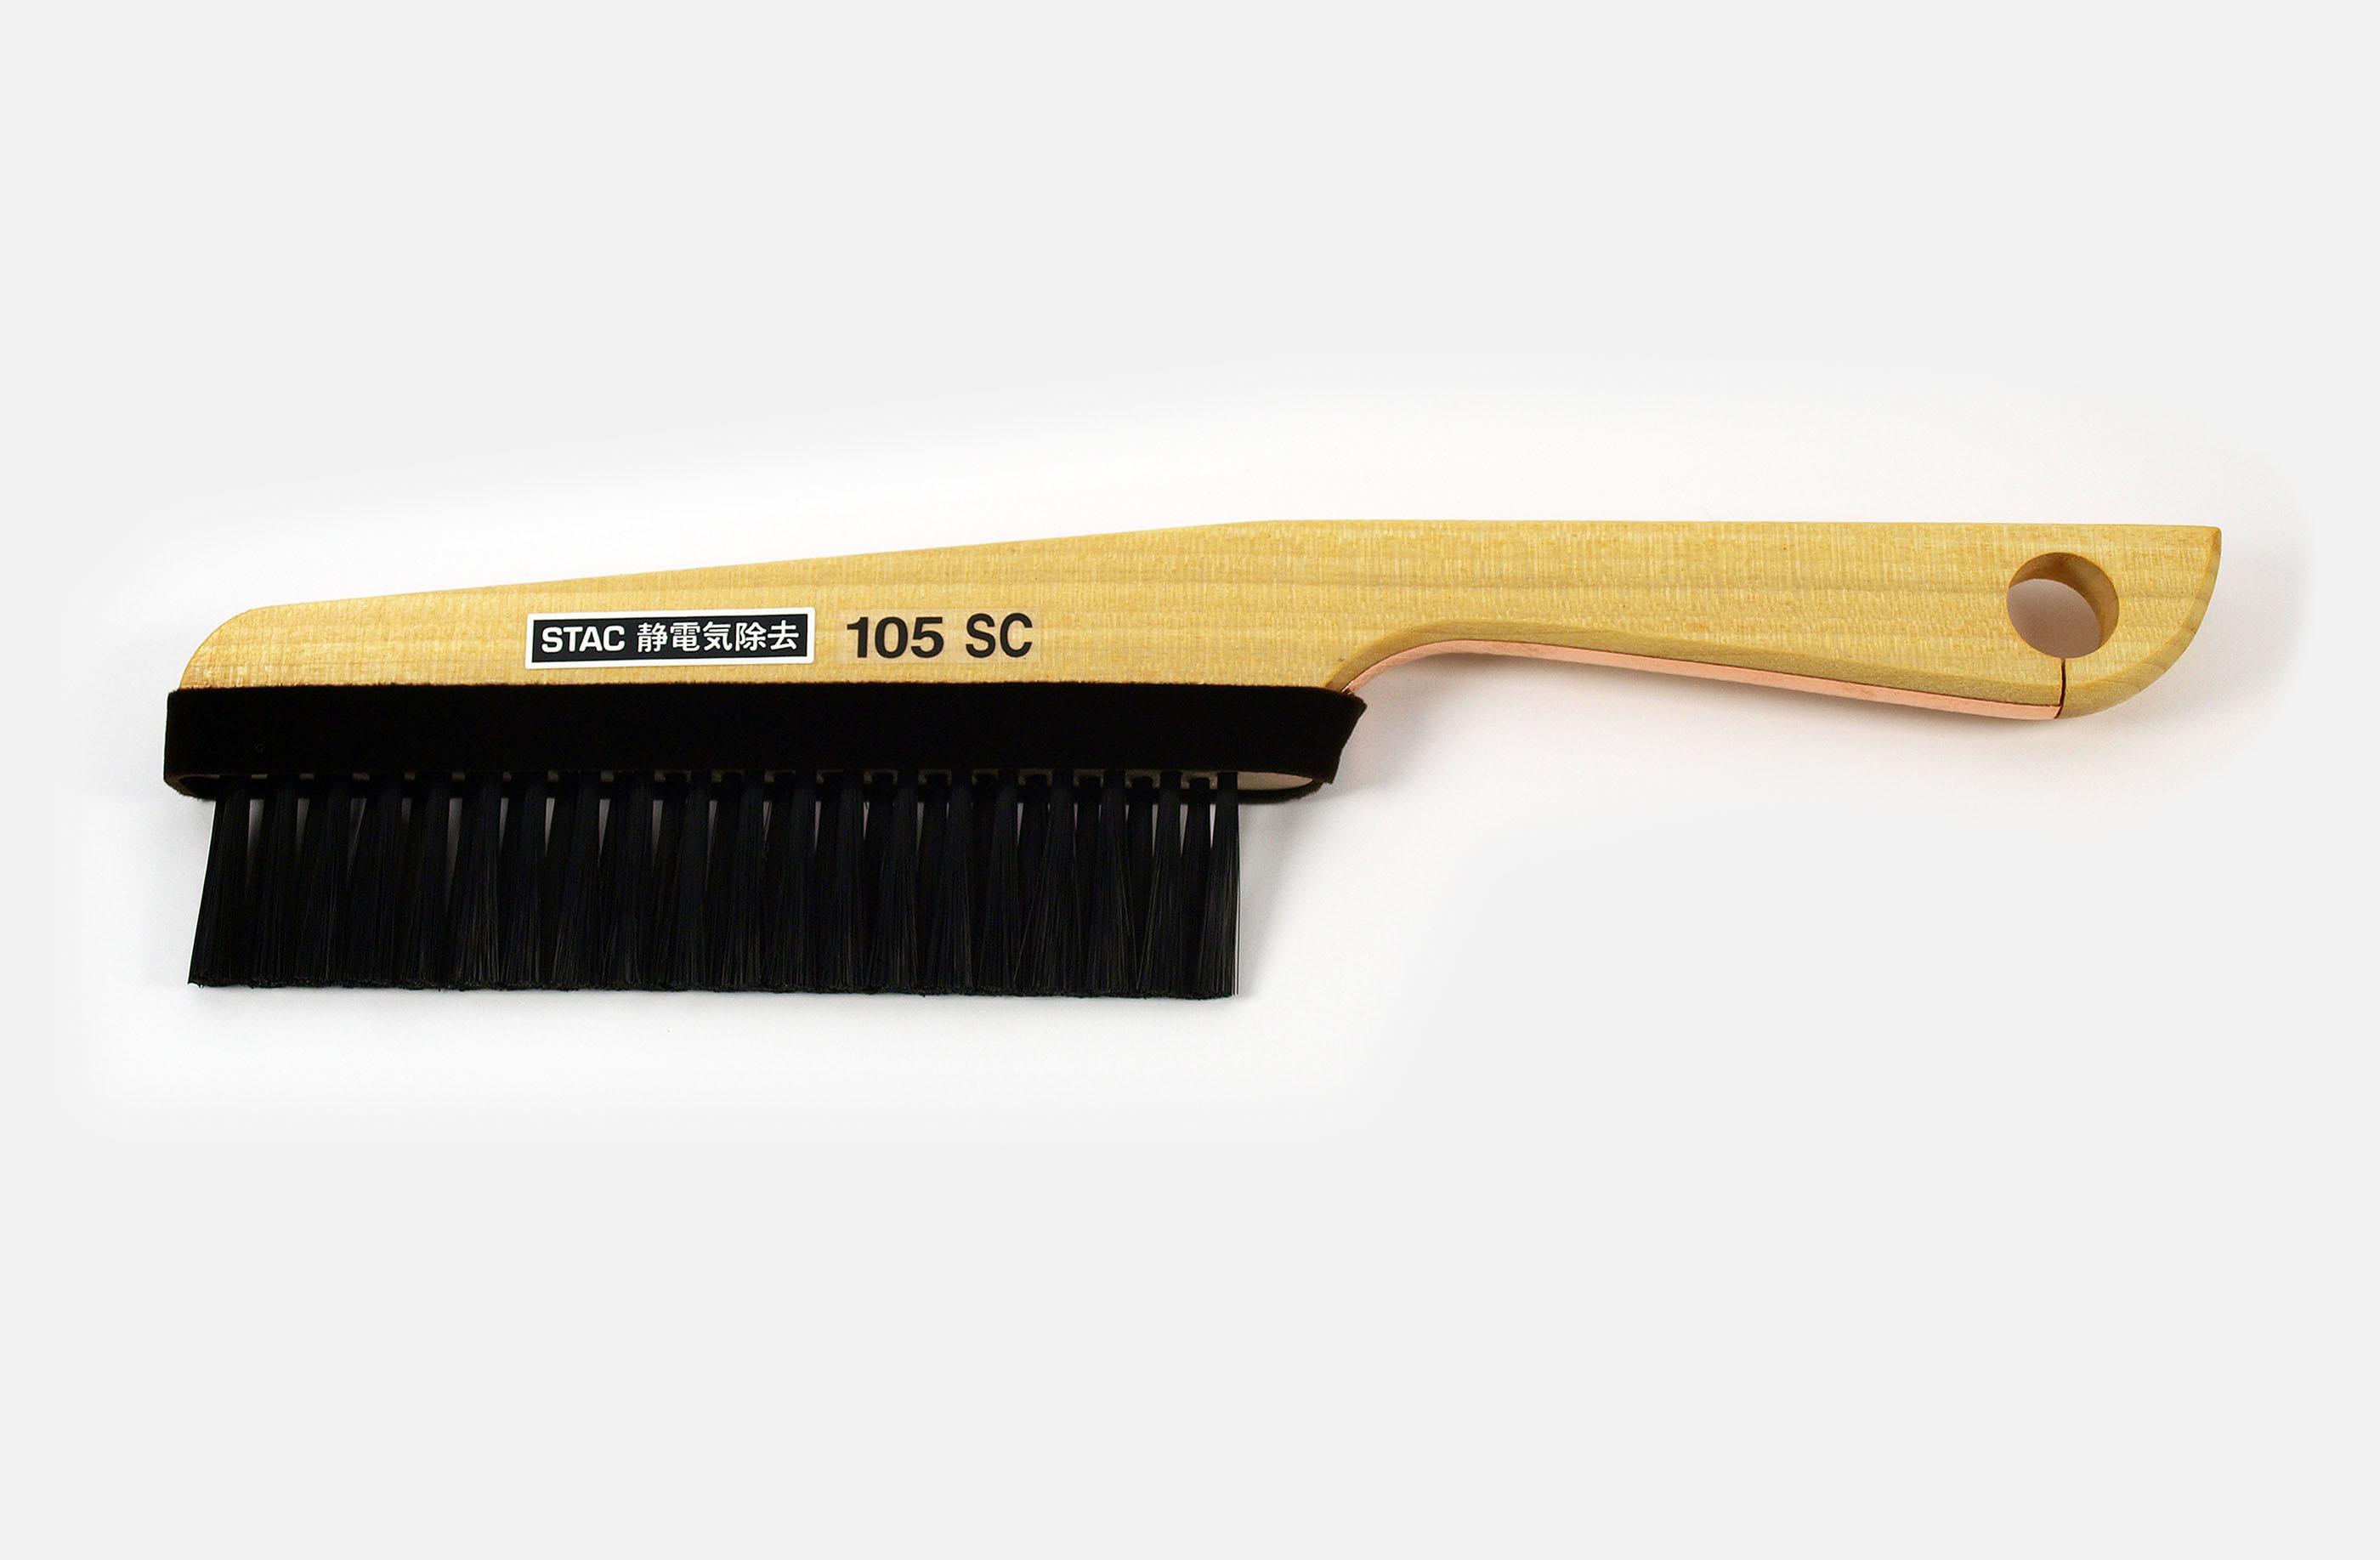 ハンド木柄SC除電ブラシSTAC105